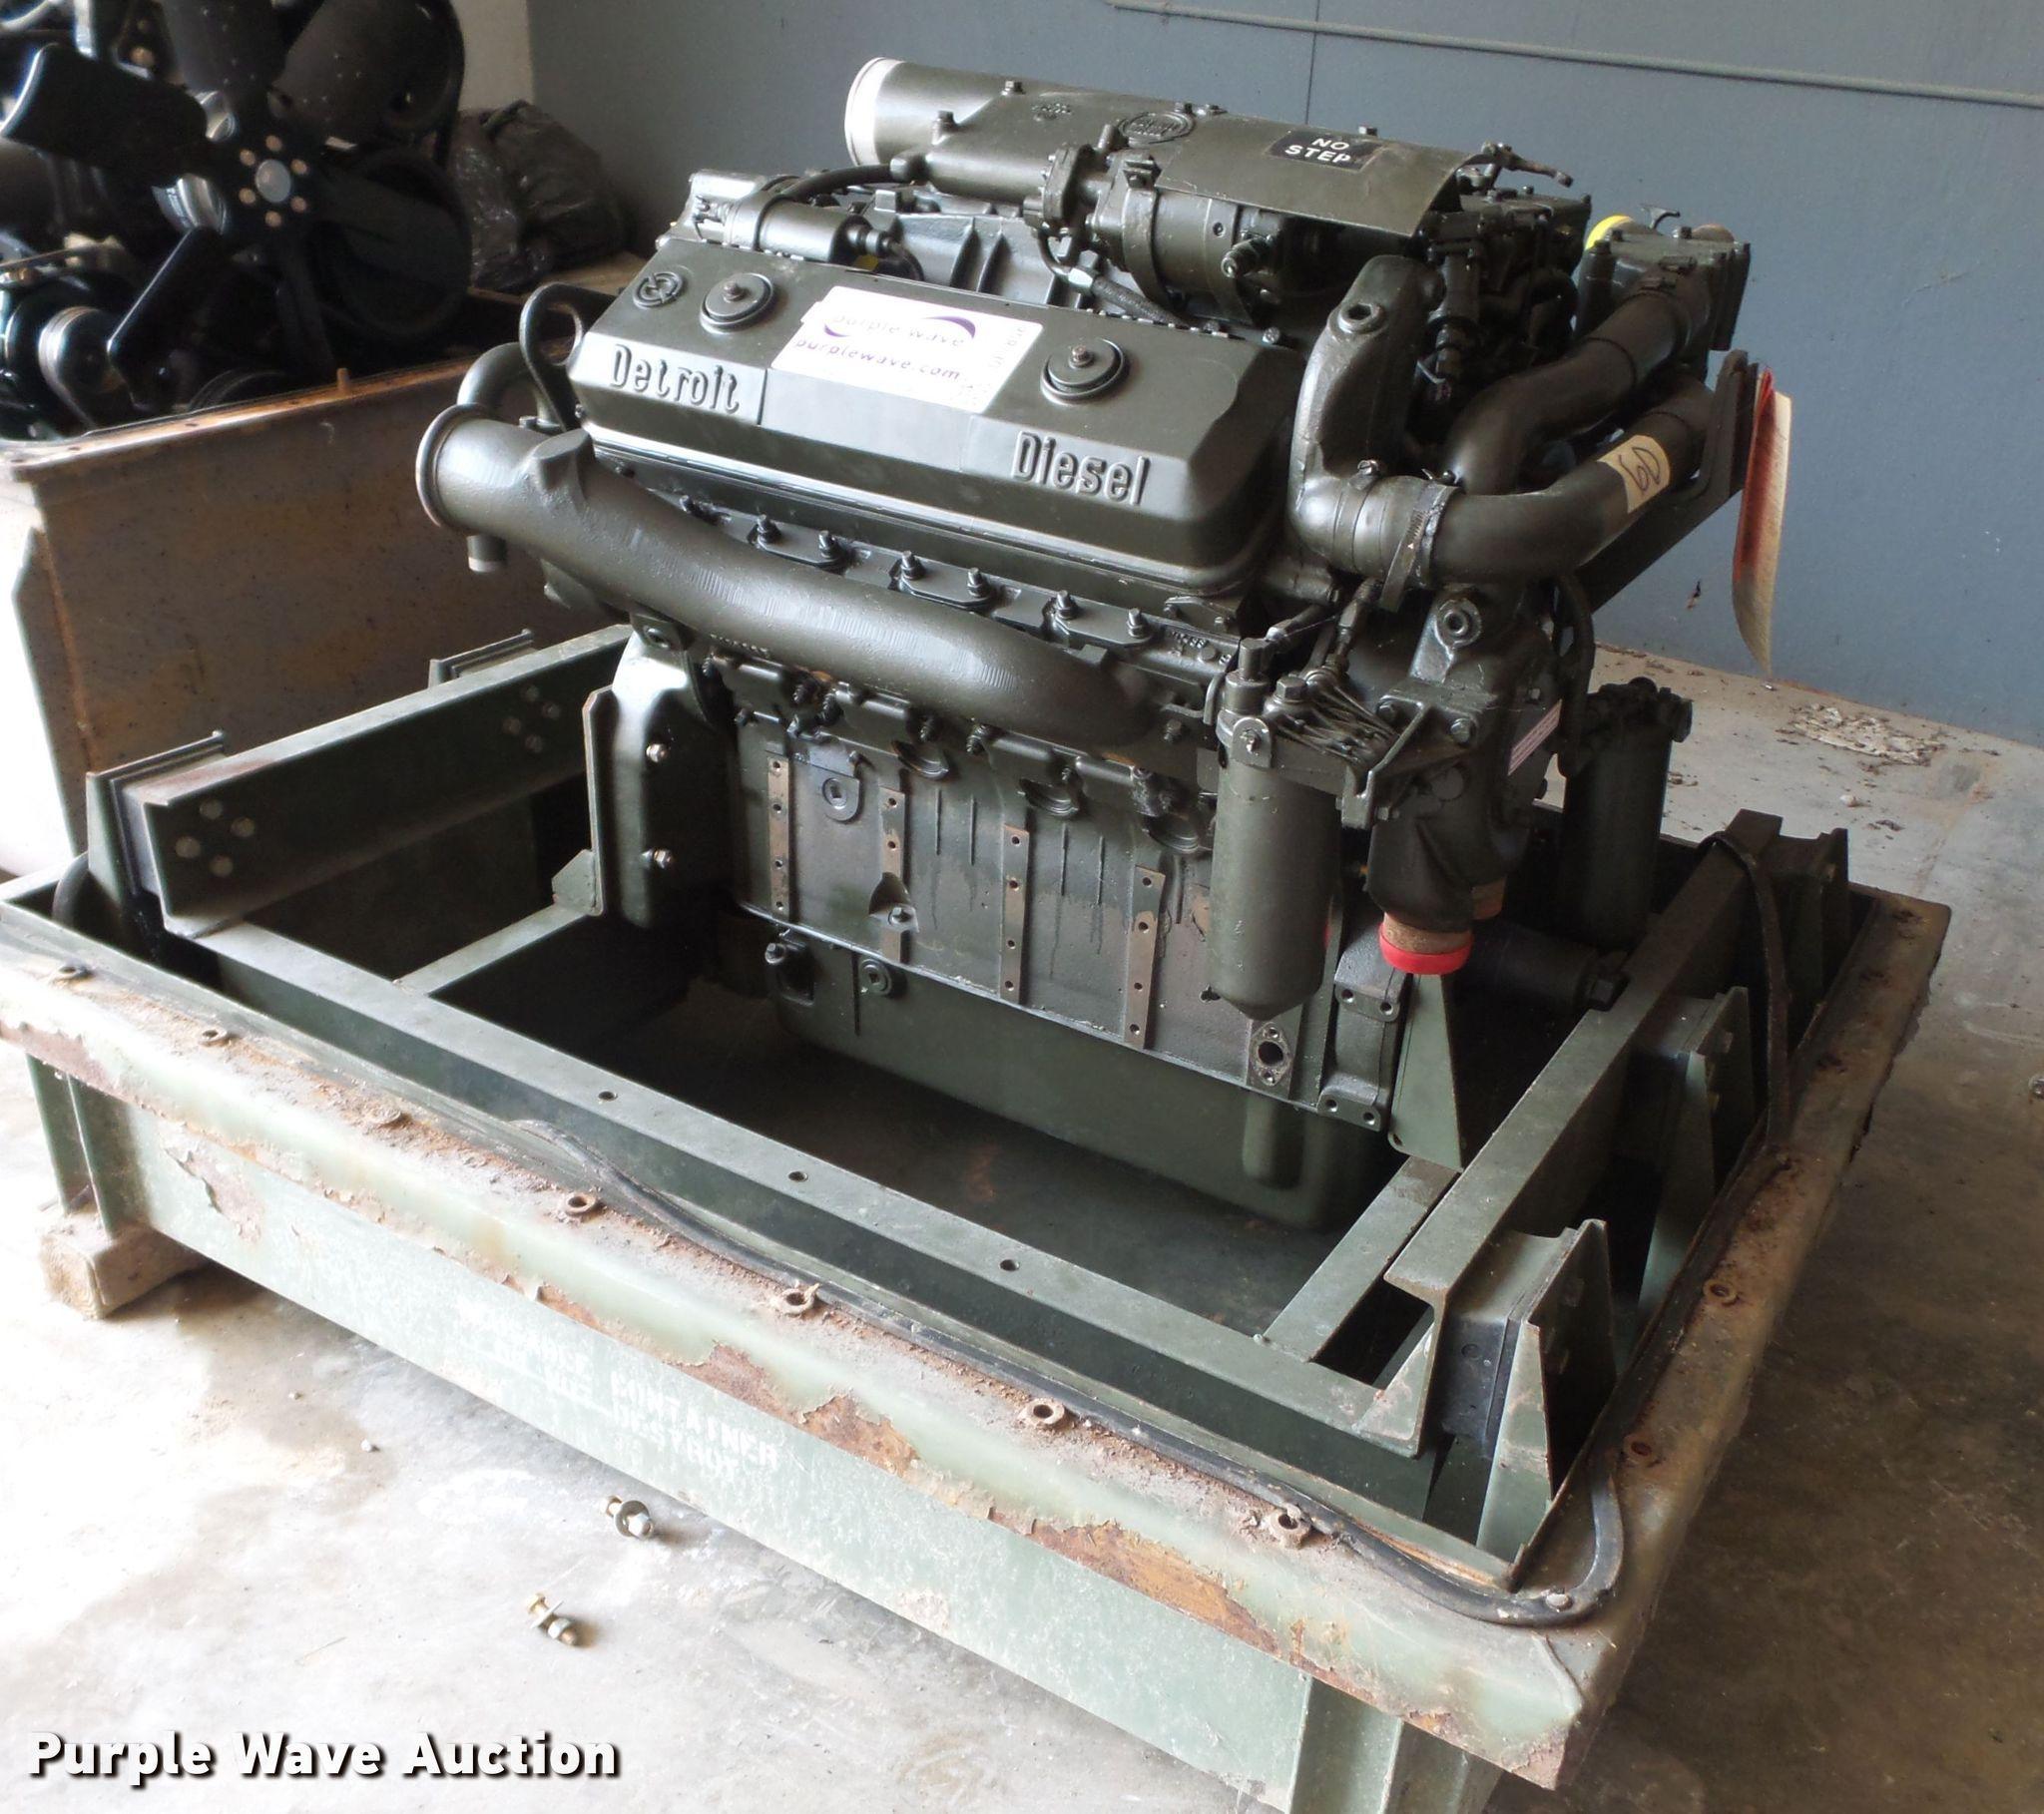 Detroit Diesel 8V71 disel engine | Item DE7858 | Tuesday Aug